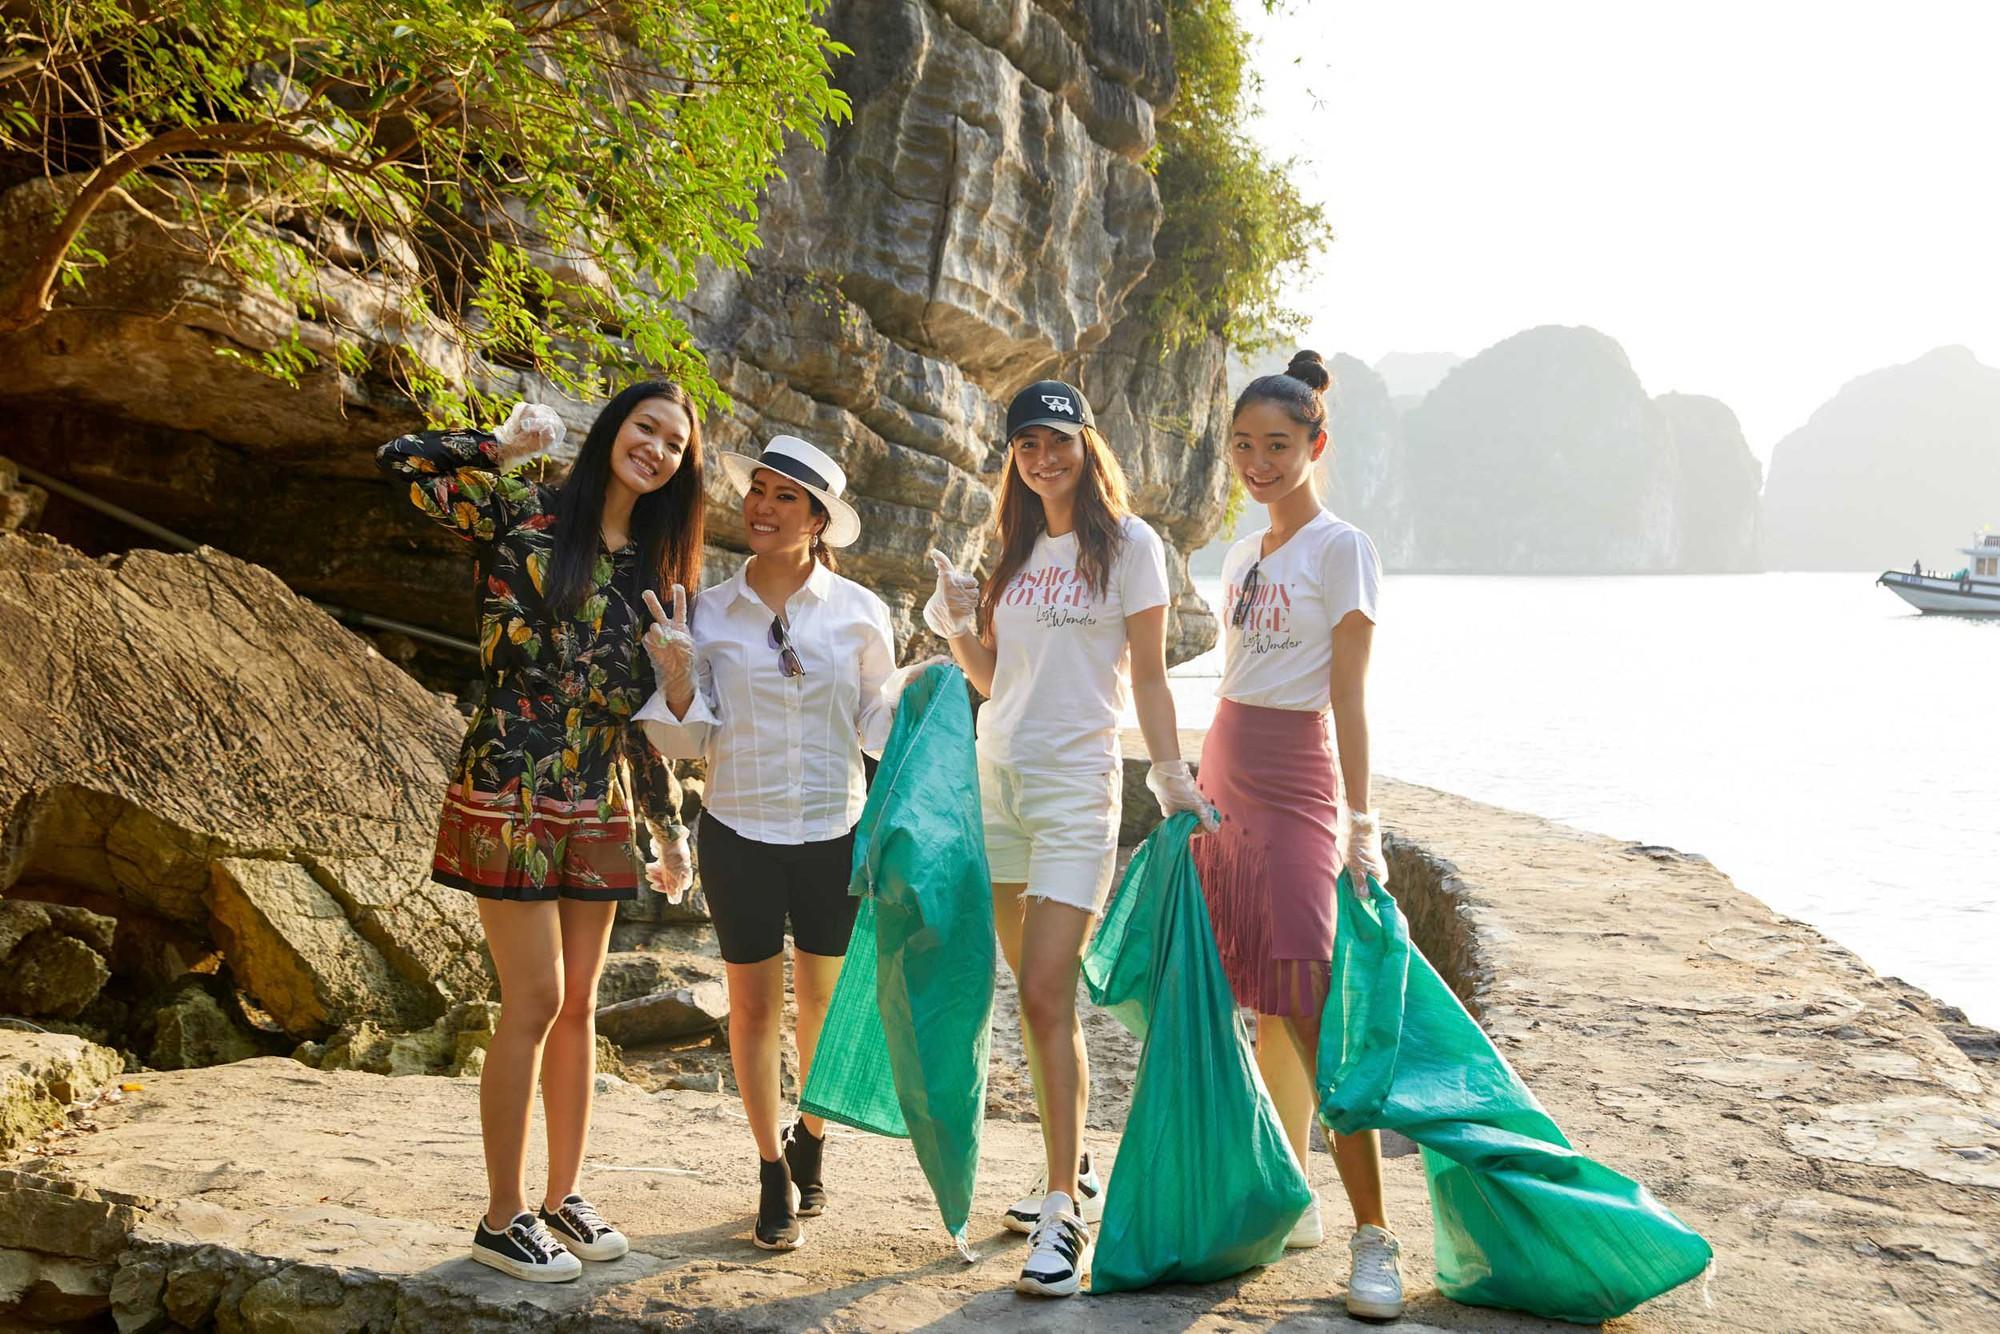 Minh Tú, Hoàng Thùy và dàn mỹ nhân Vbiz chung tay thu gom rác trên đảo hoang ở Vịnh Hạ Long - Ảnh 6.